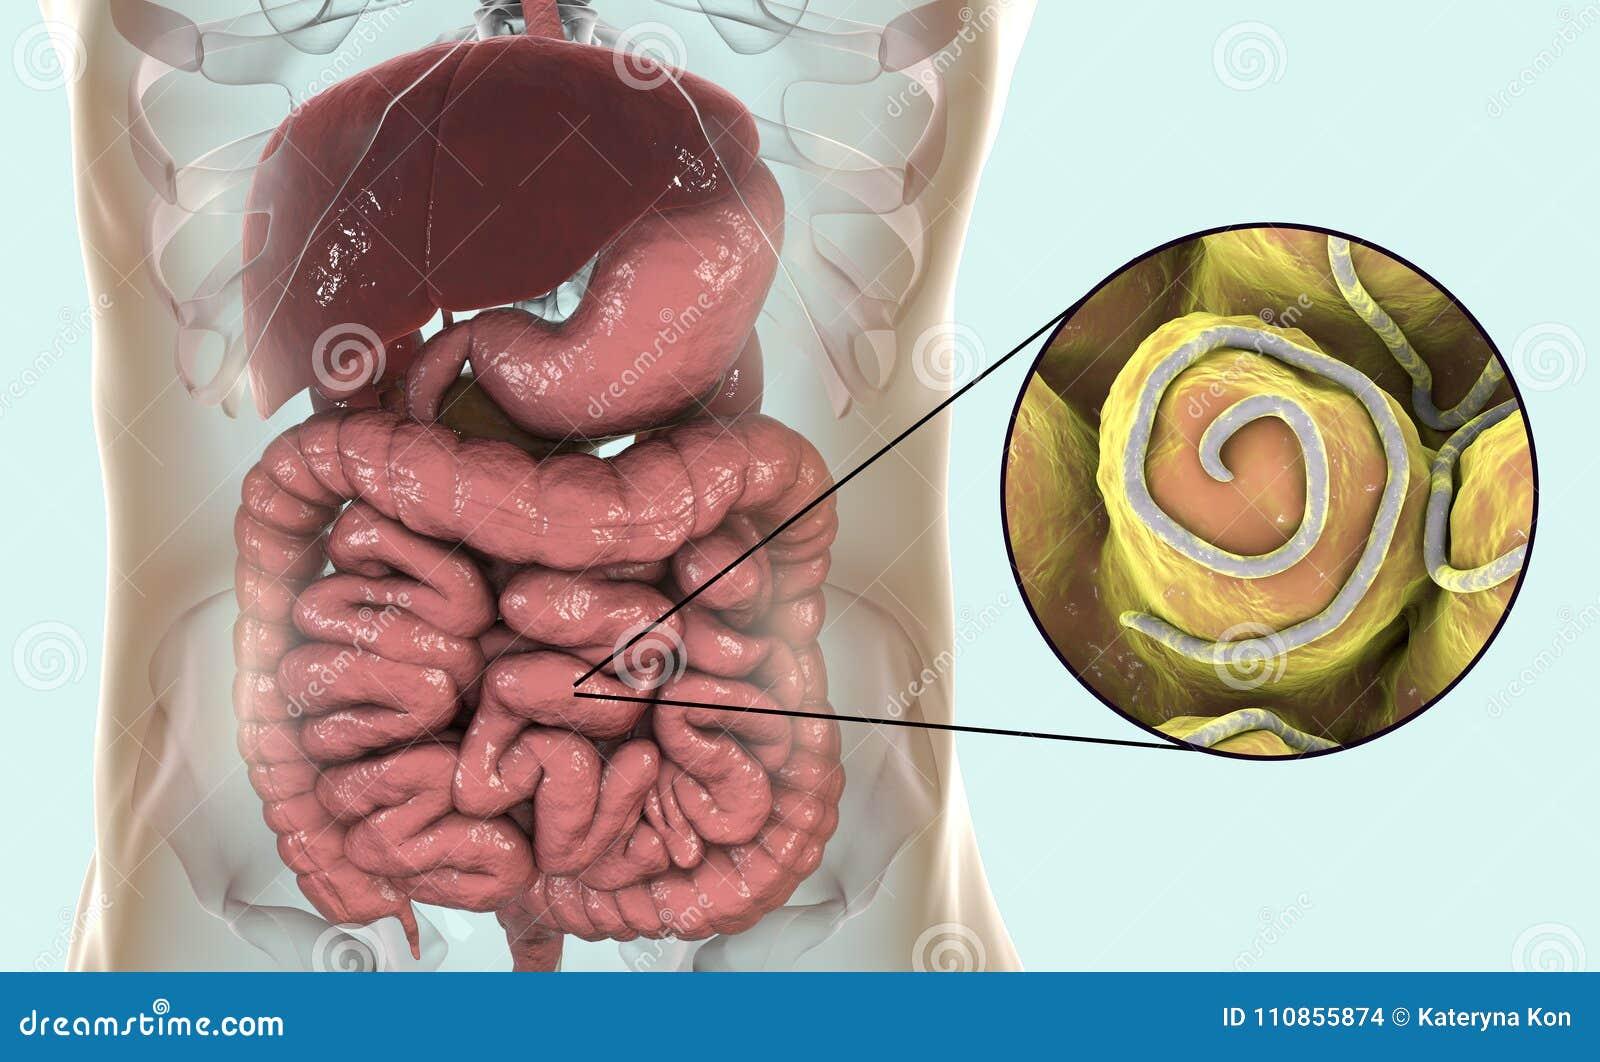 enterobius vermicularis in brain hpv impfung erwachsene sinnvoll